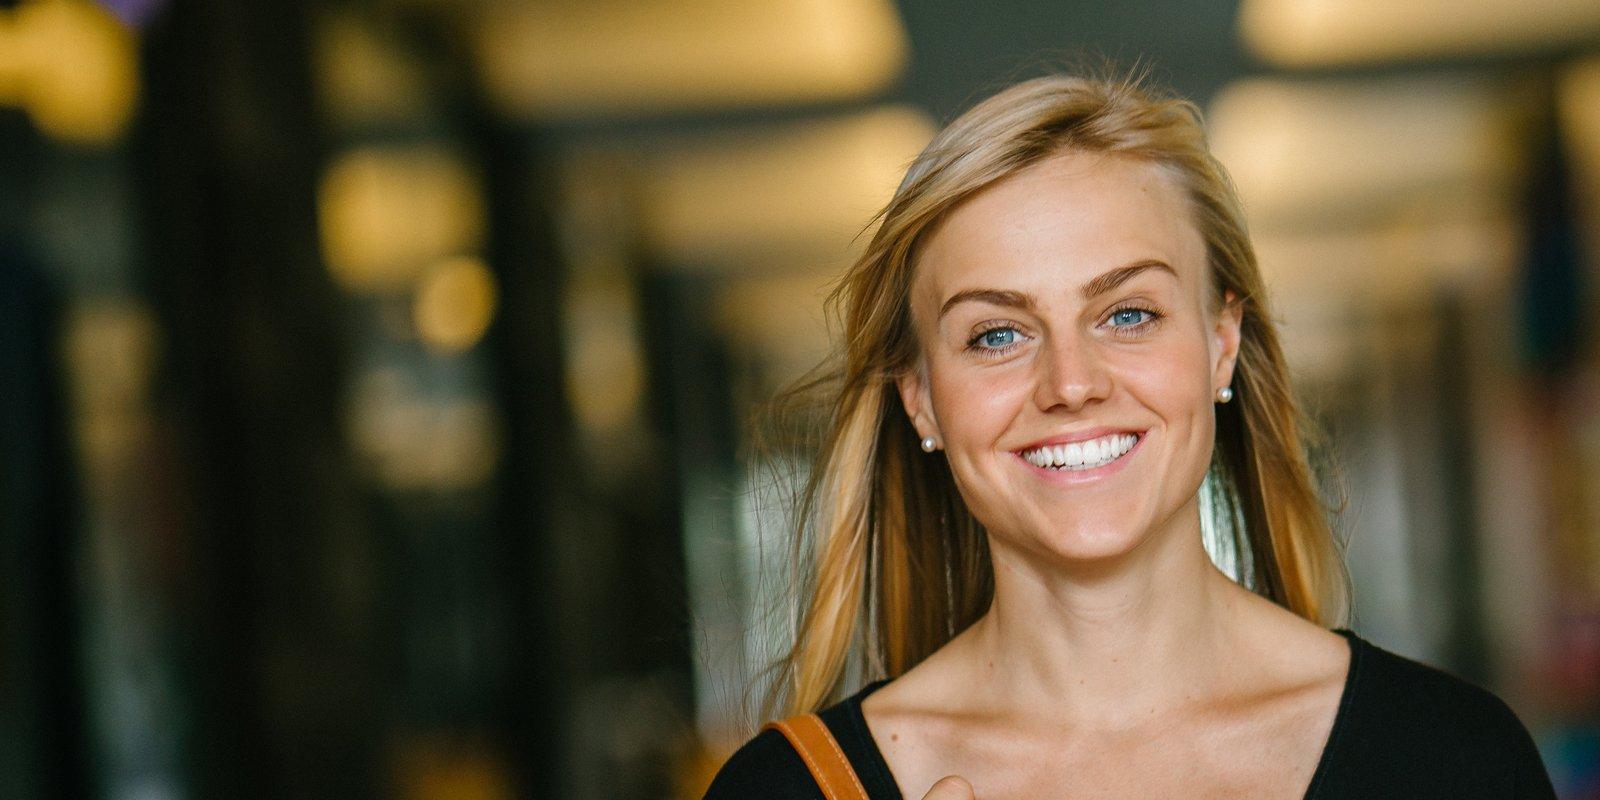 Harmonisk tandsæt er vigtigt for dit udseende